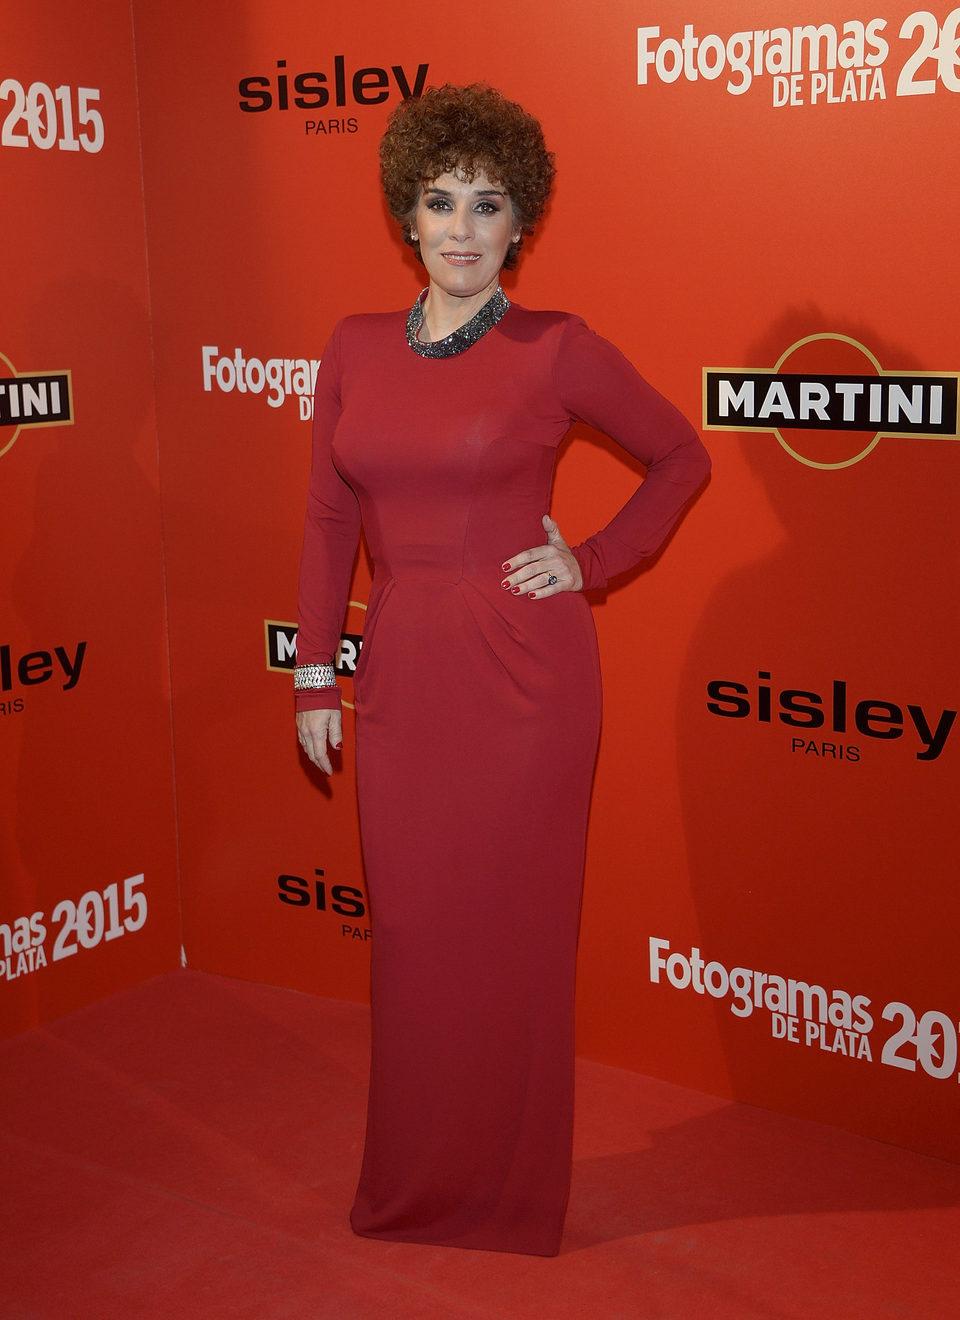 Anabel Alonso en la alfombra roja de los Fotogramas de Plata 2015